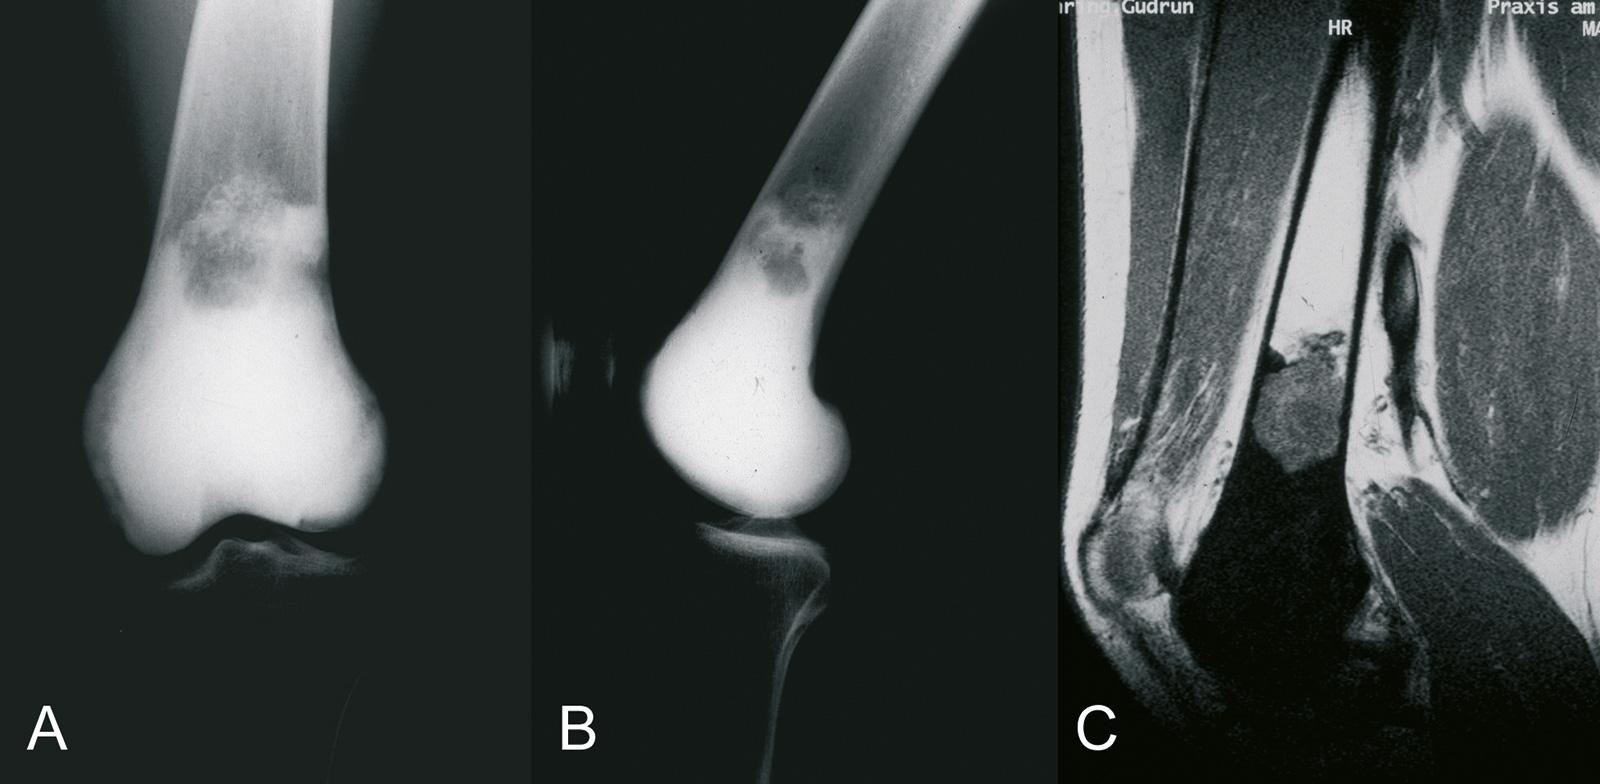 Abb. 8-73: Sklerosierendes Osteosarkom: natives Röntgenbild (A,B) und MRT-Bildgebung (C) (Eigentum des Instituts für Klinische Radiologie der Universität Münster)